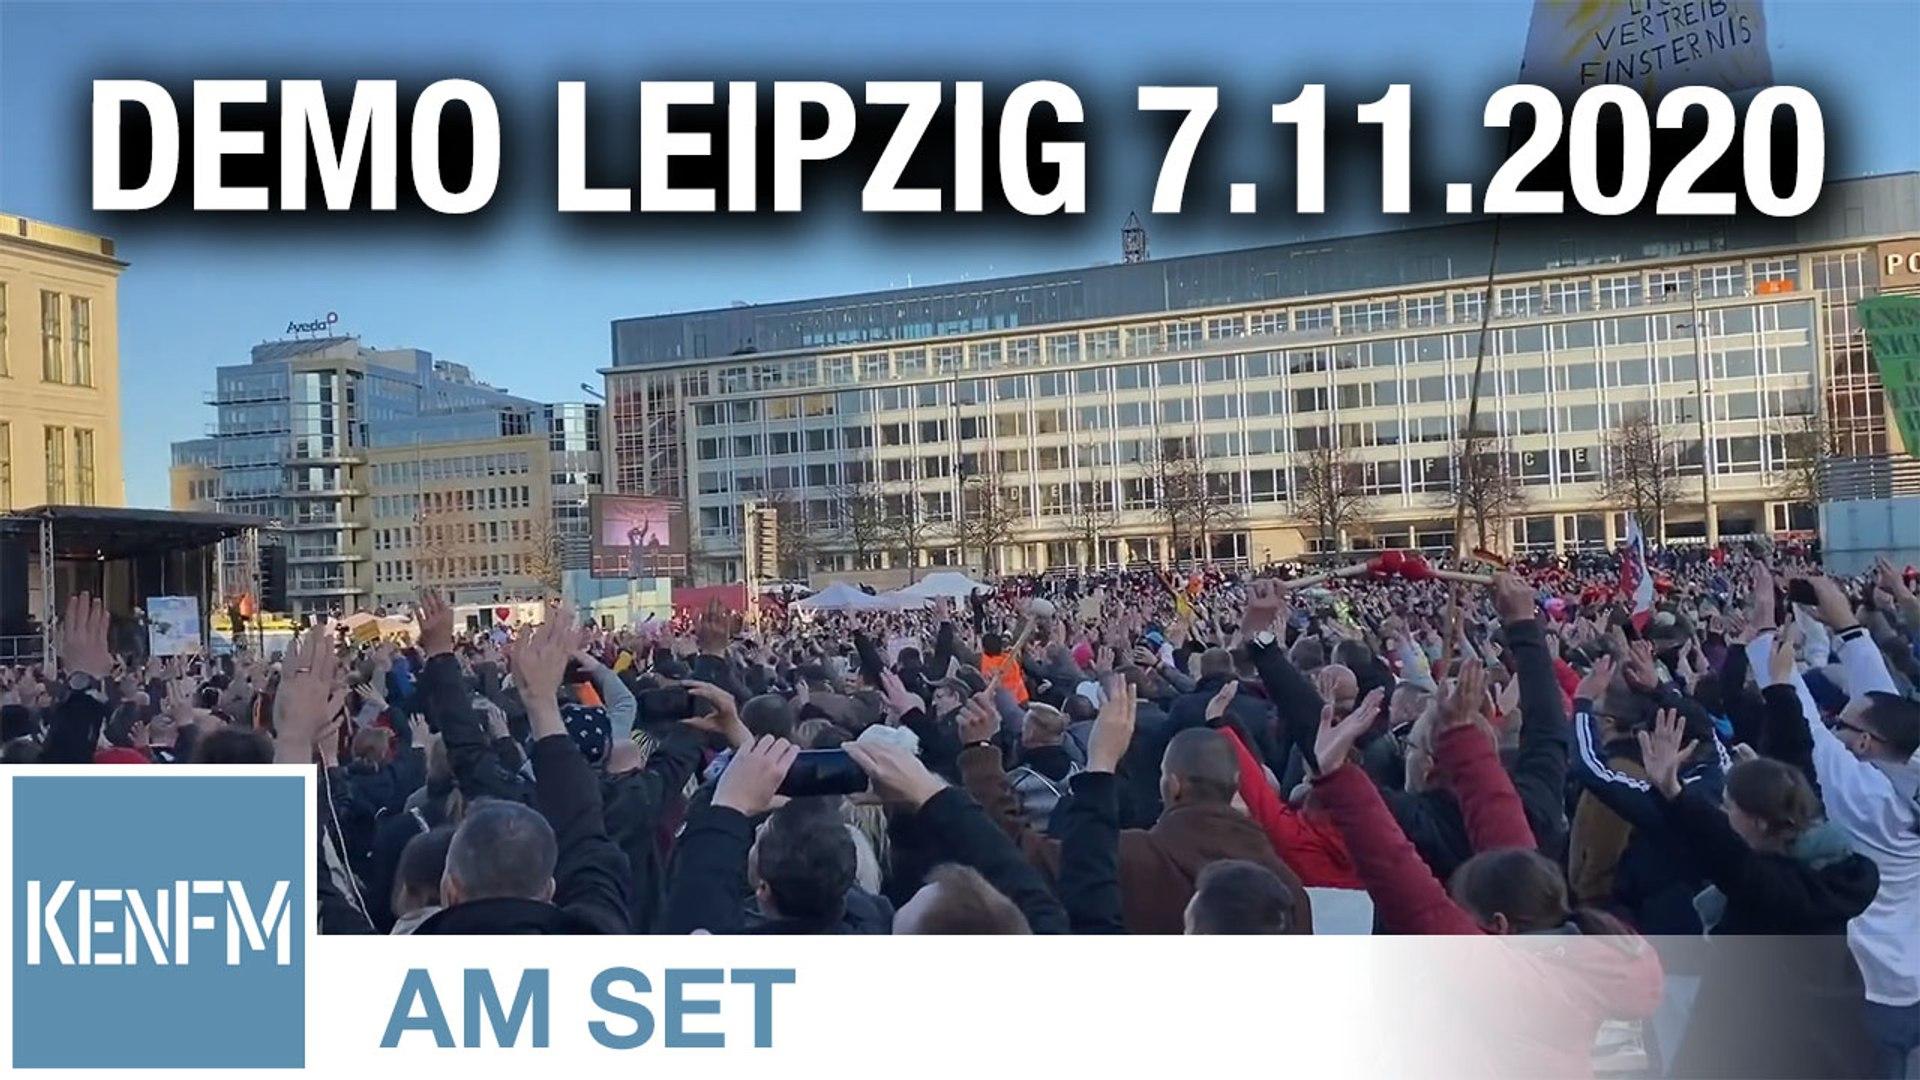 KenFM am Set: Demo Leipzig 7.11.2020 - Der Tag in der Zusammenfassung